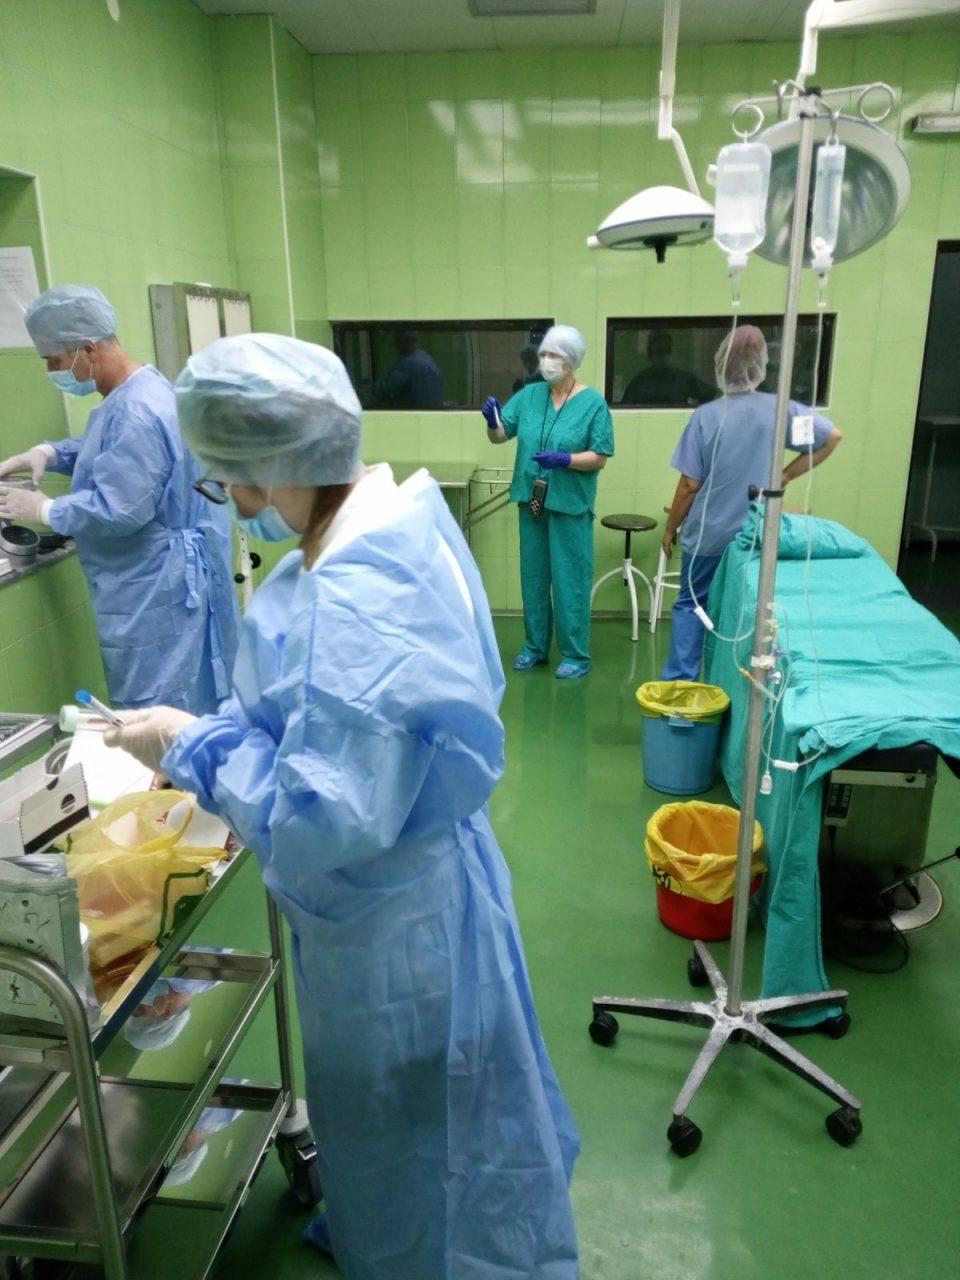 Вонреден инспекциски надзор на Државниот санитерен и здравствен инспекторат во салите за операција на Клиника